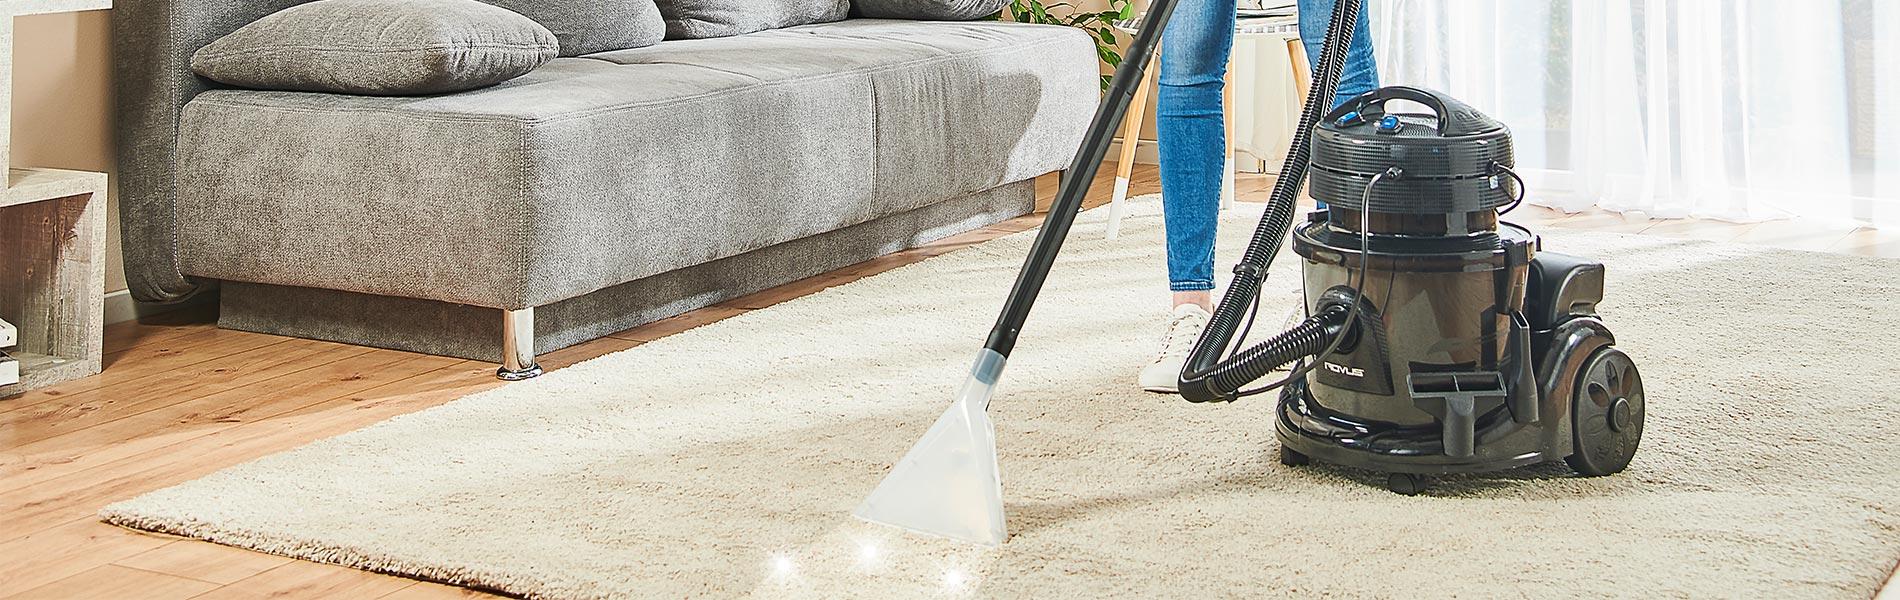 Пылесос для сухой и влажной уборки Phantom